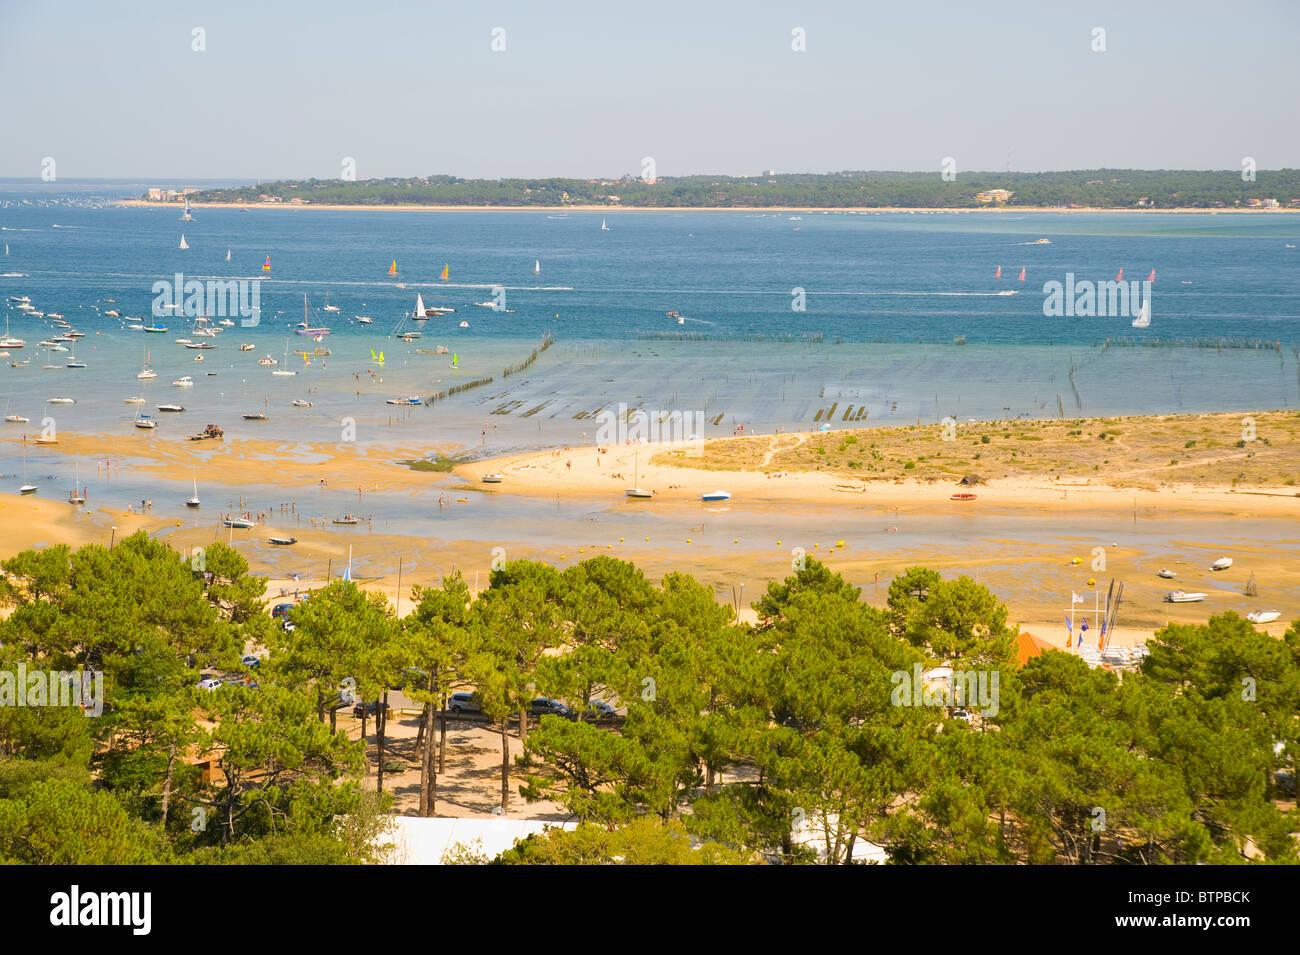 De l'antenne du bassin d'Arcachon, Gironde, Aquitaine, France Photo Stock